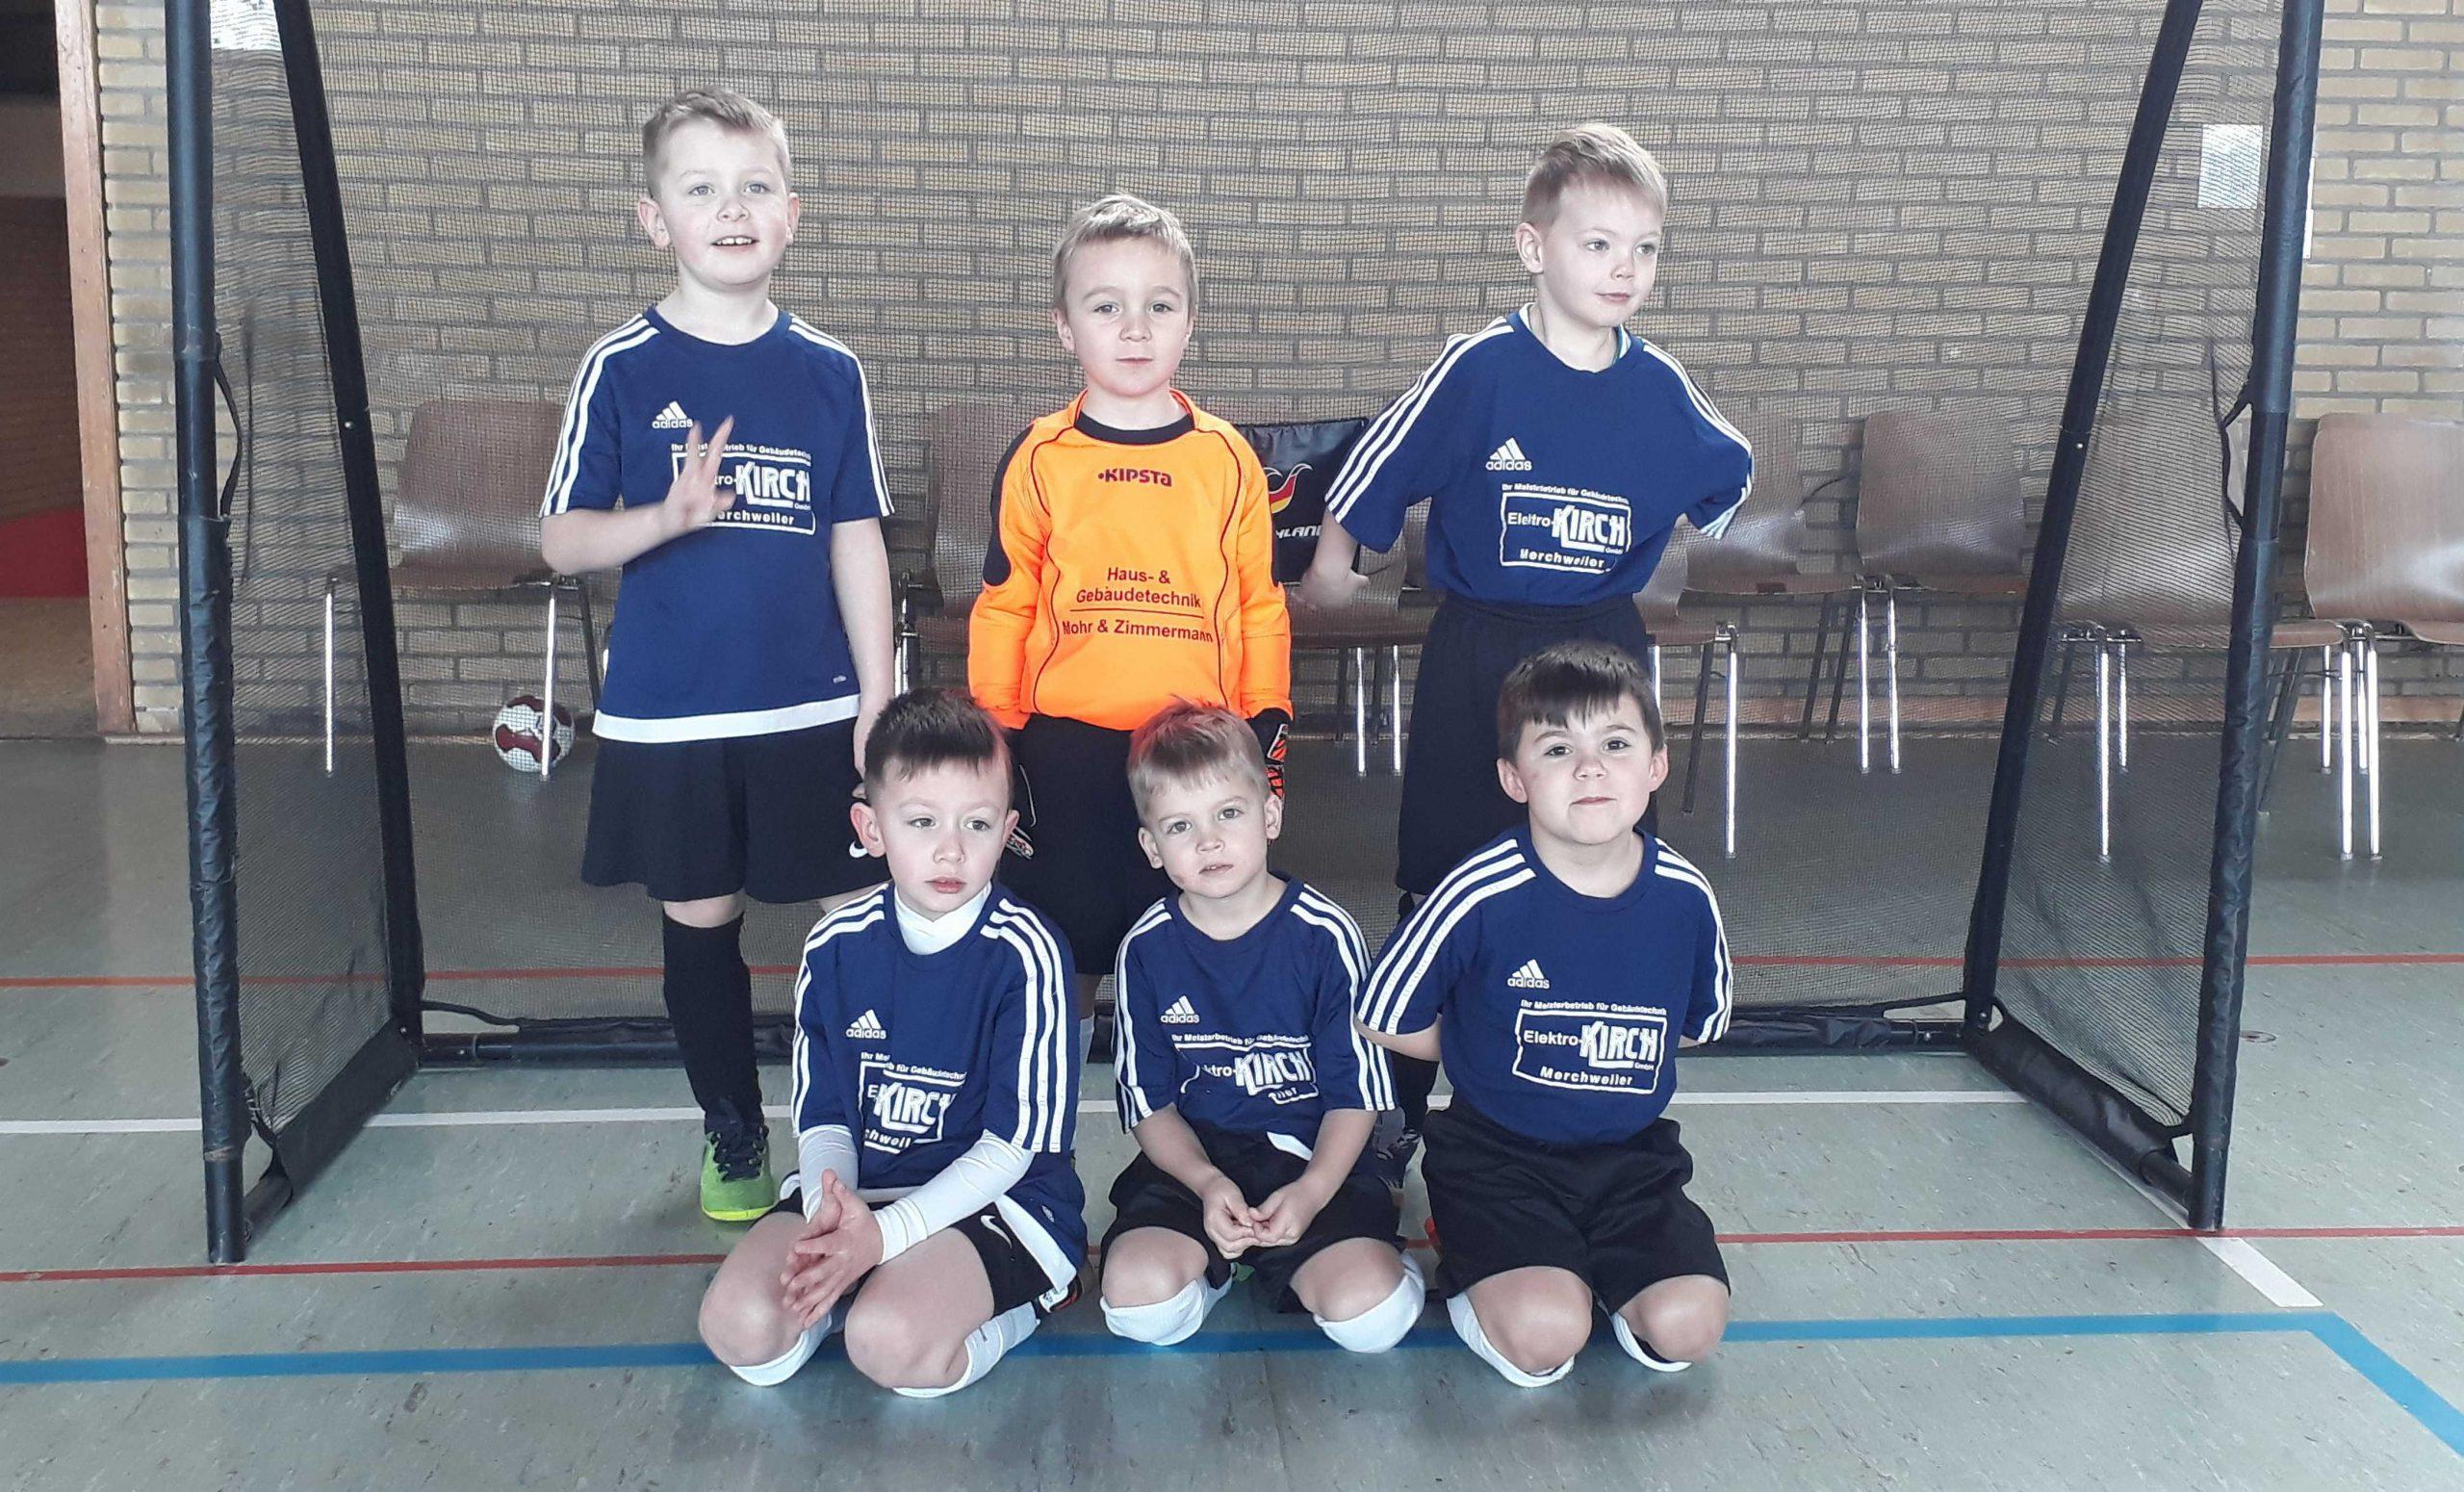 SG – G Jugend Merchweiler auf eigenem Turnier mit 3 Mannschaften vertreten